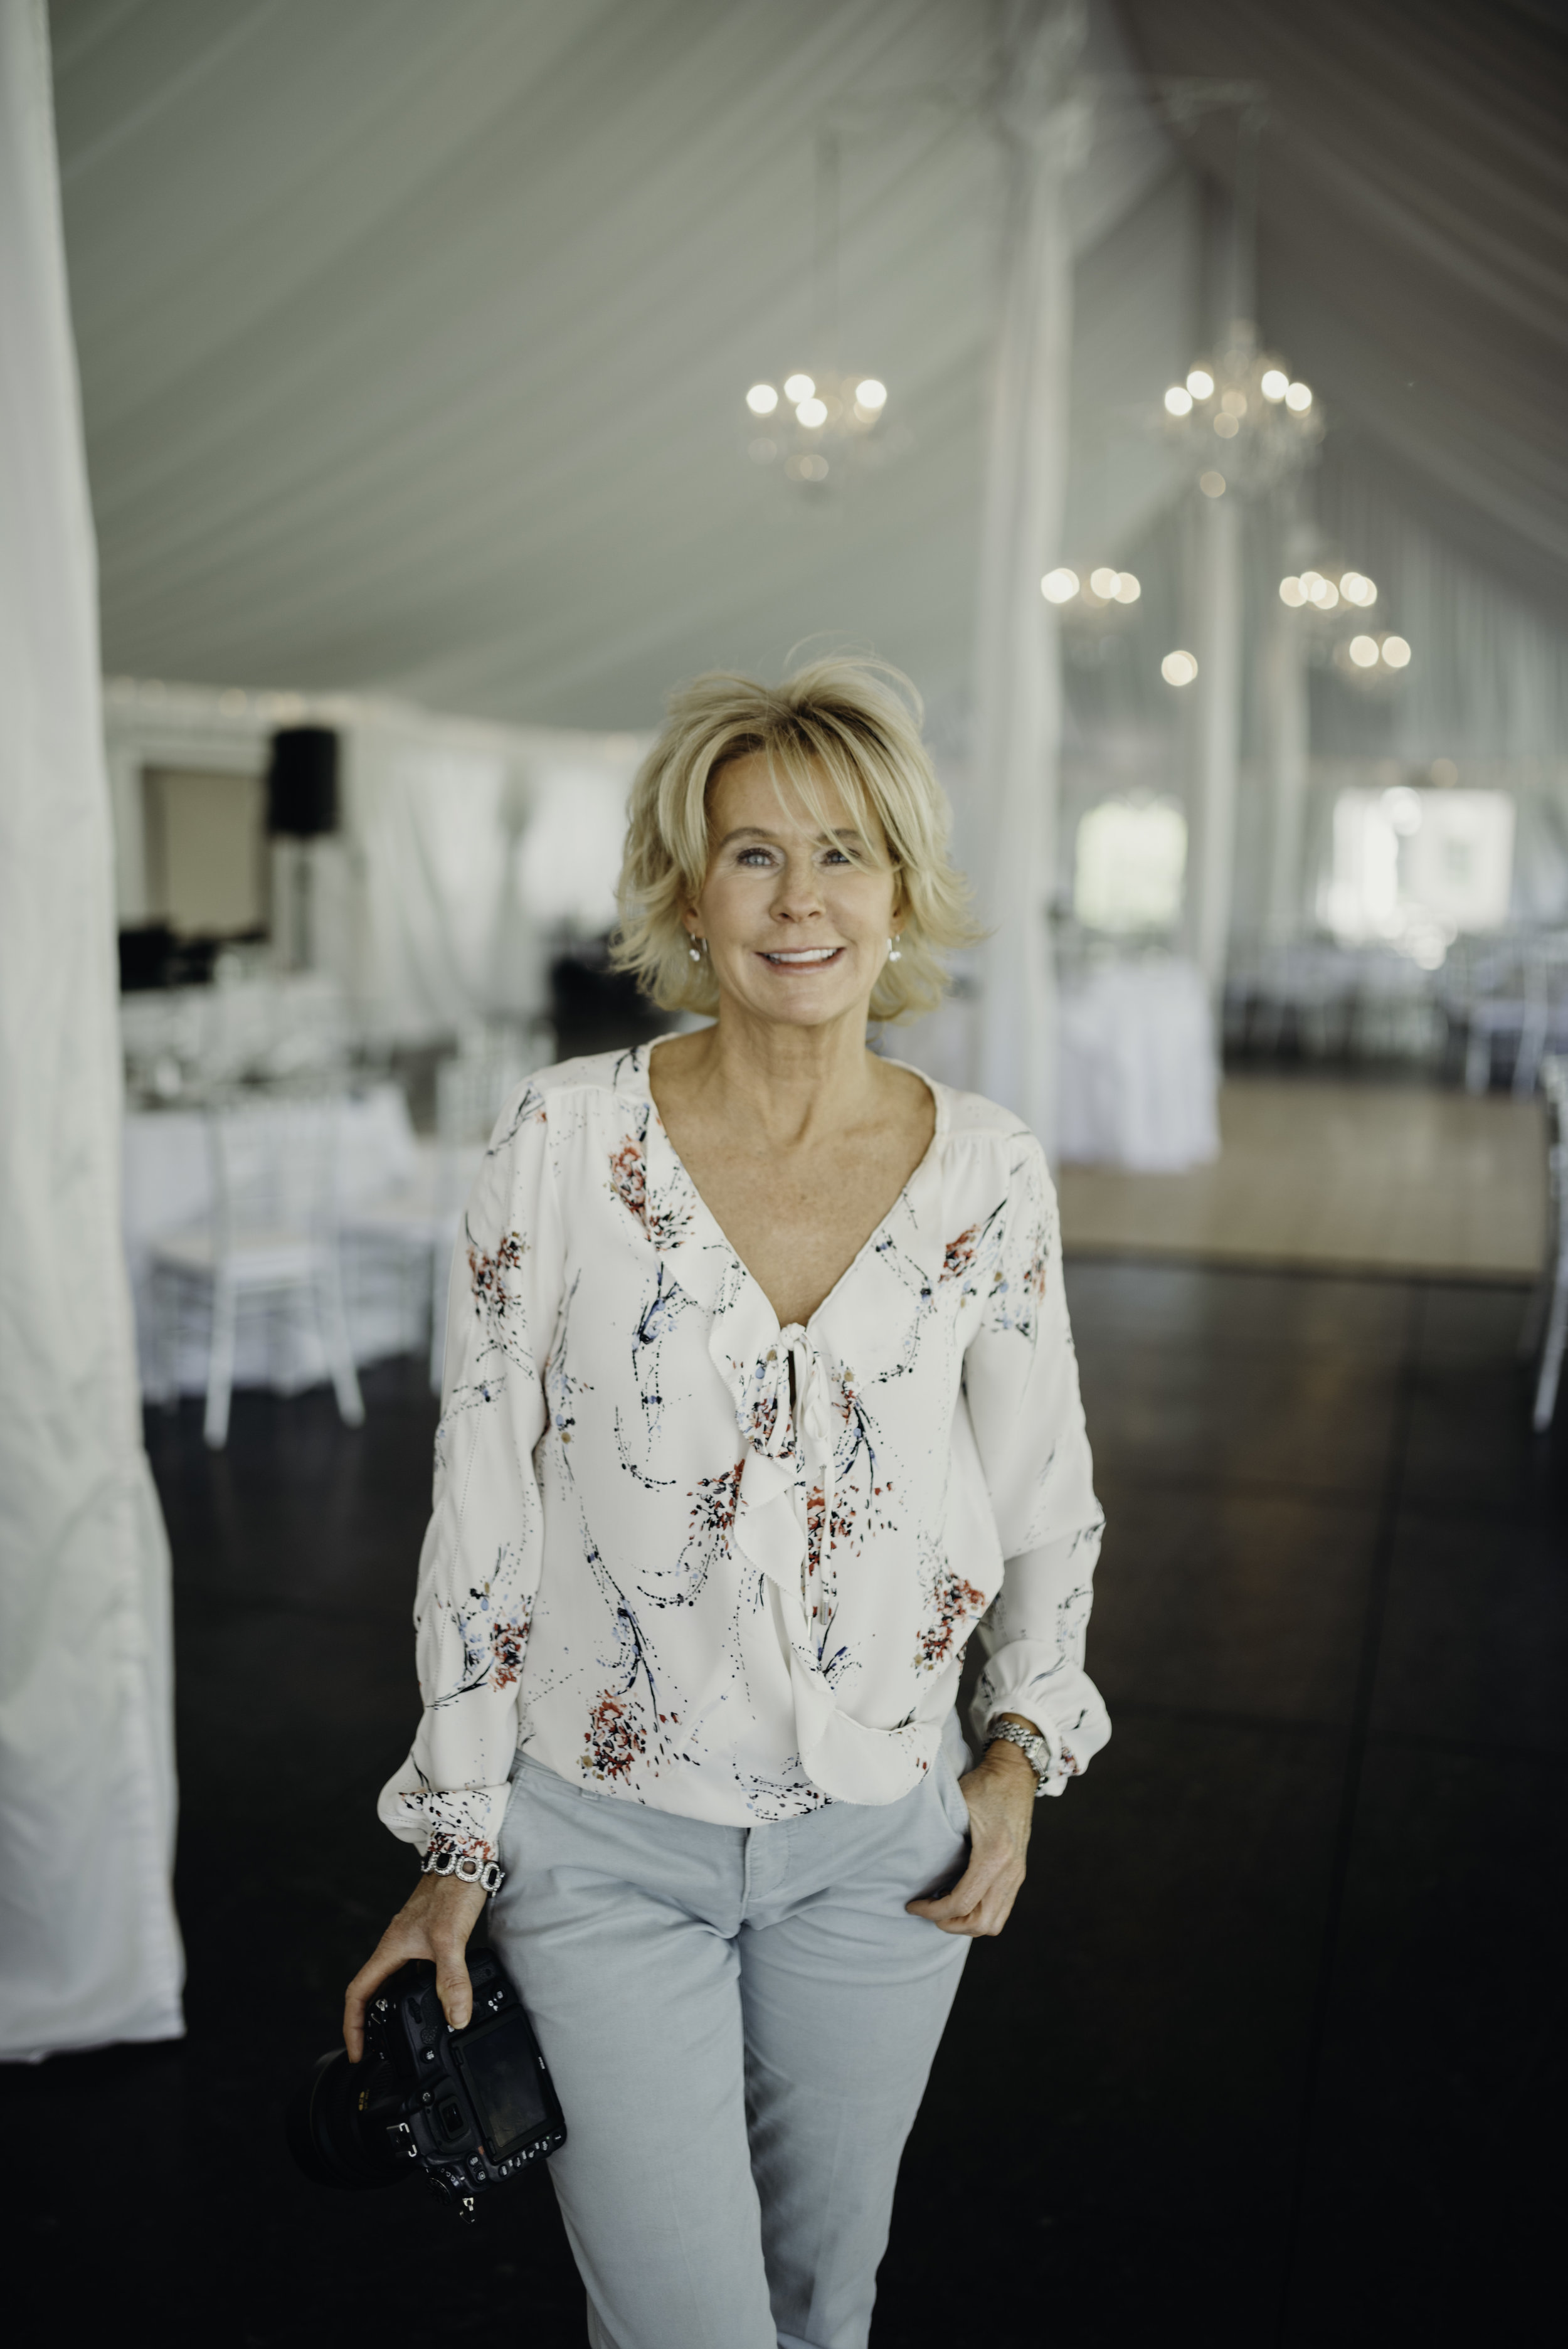 Robin howard - Senior Lead Photographer